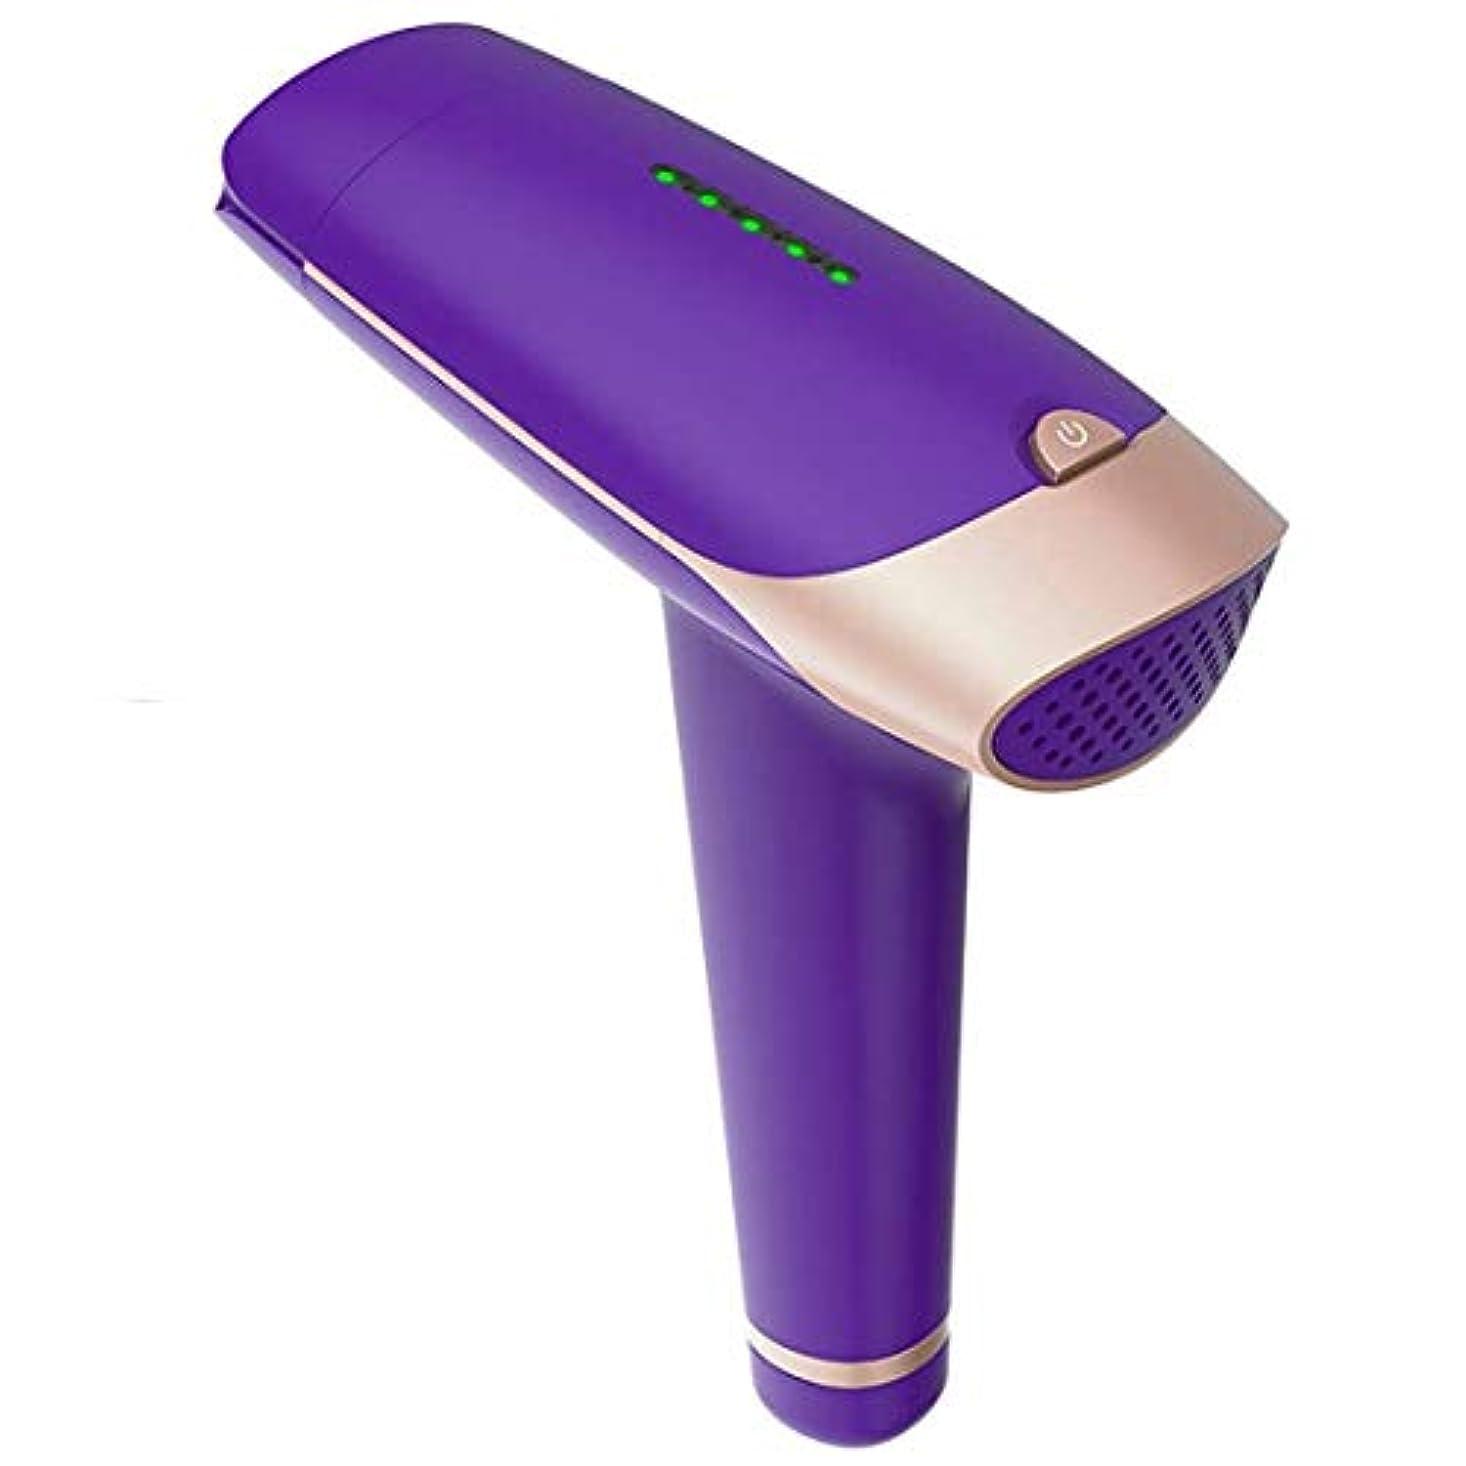 権限トリム馬鹿Trliy- 紫色のlpl脱毛システム、プロフェッショナルライト痛みのないレーザー脱毛器永久的な脱毛装置用男女ボディフェイスビキニ